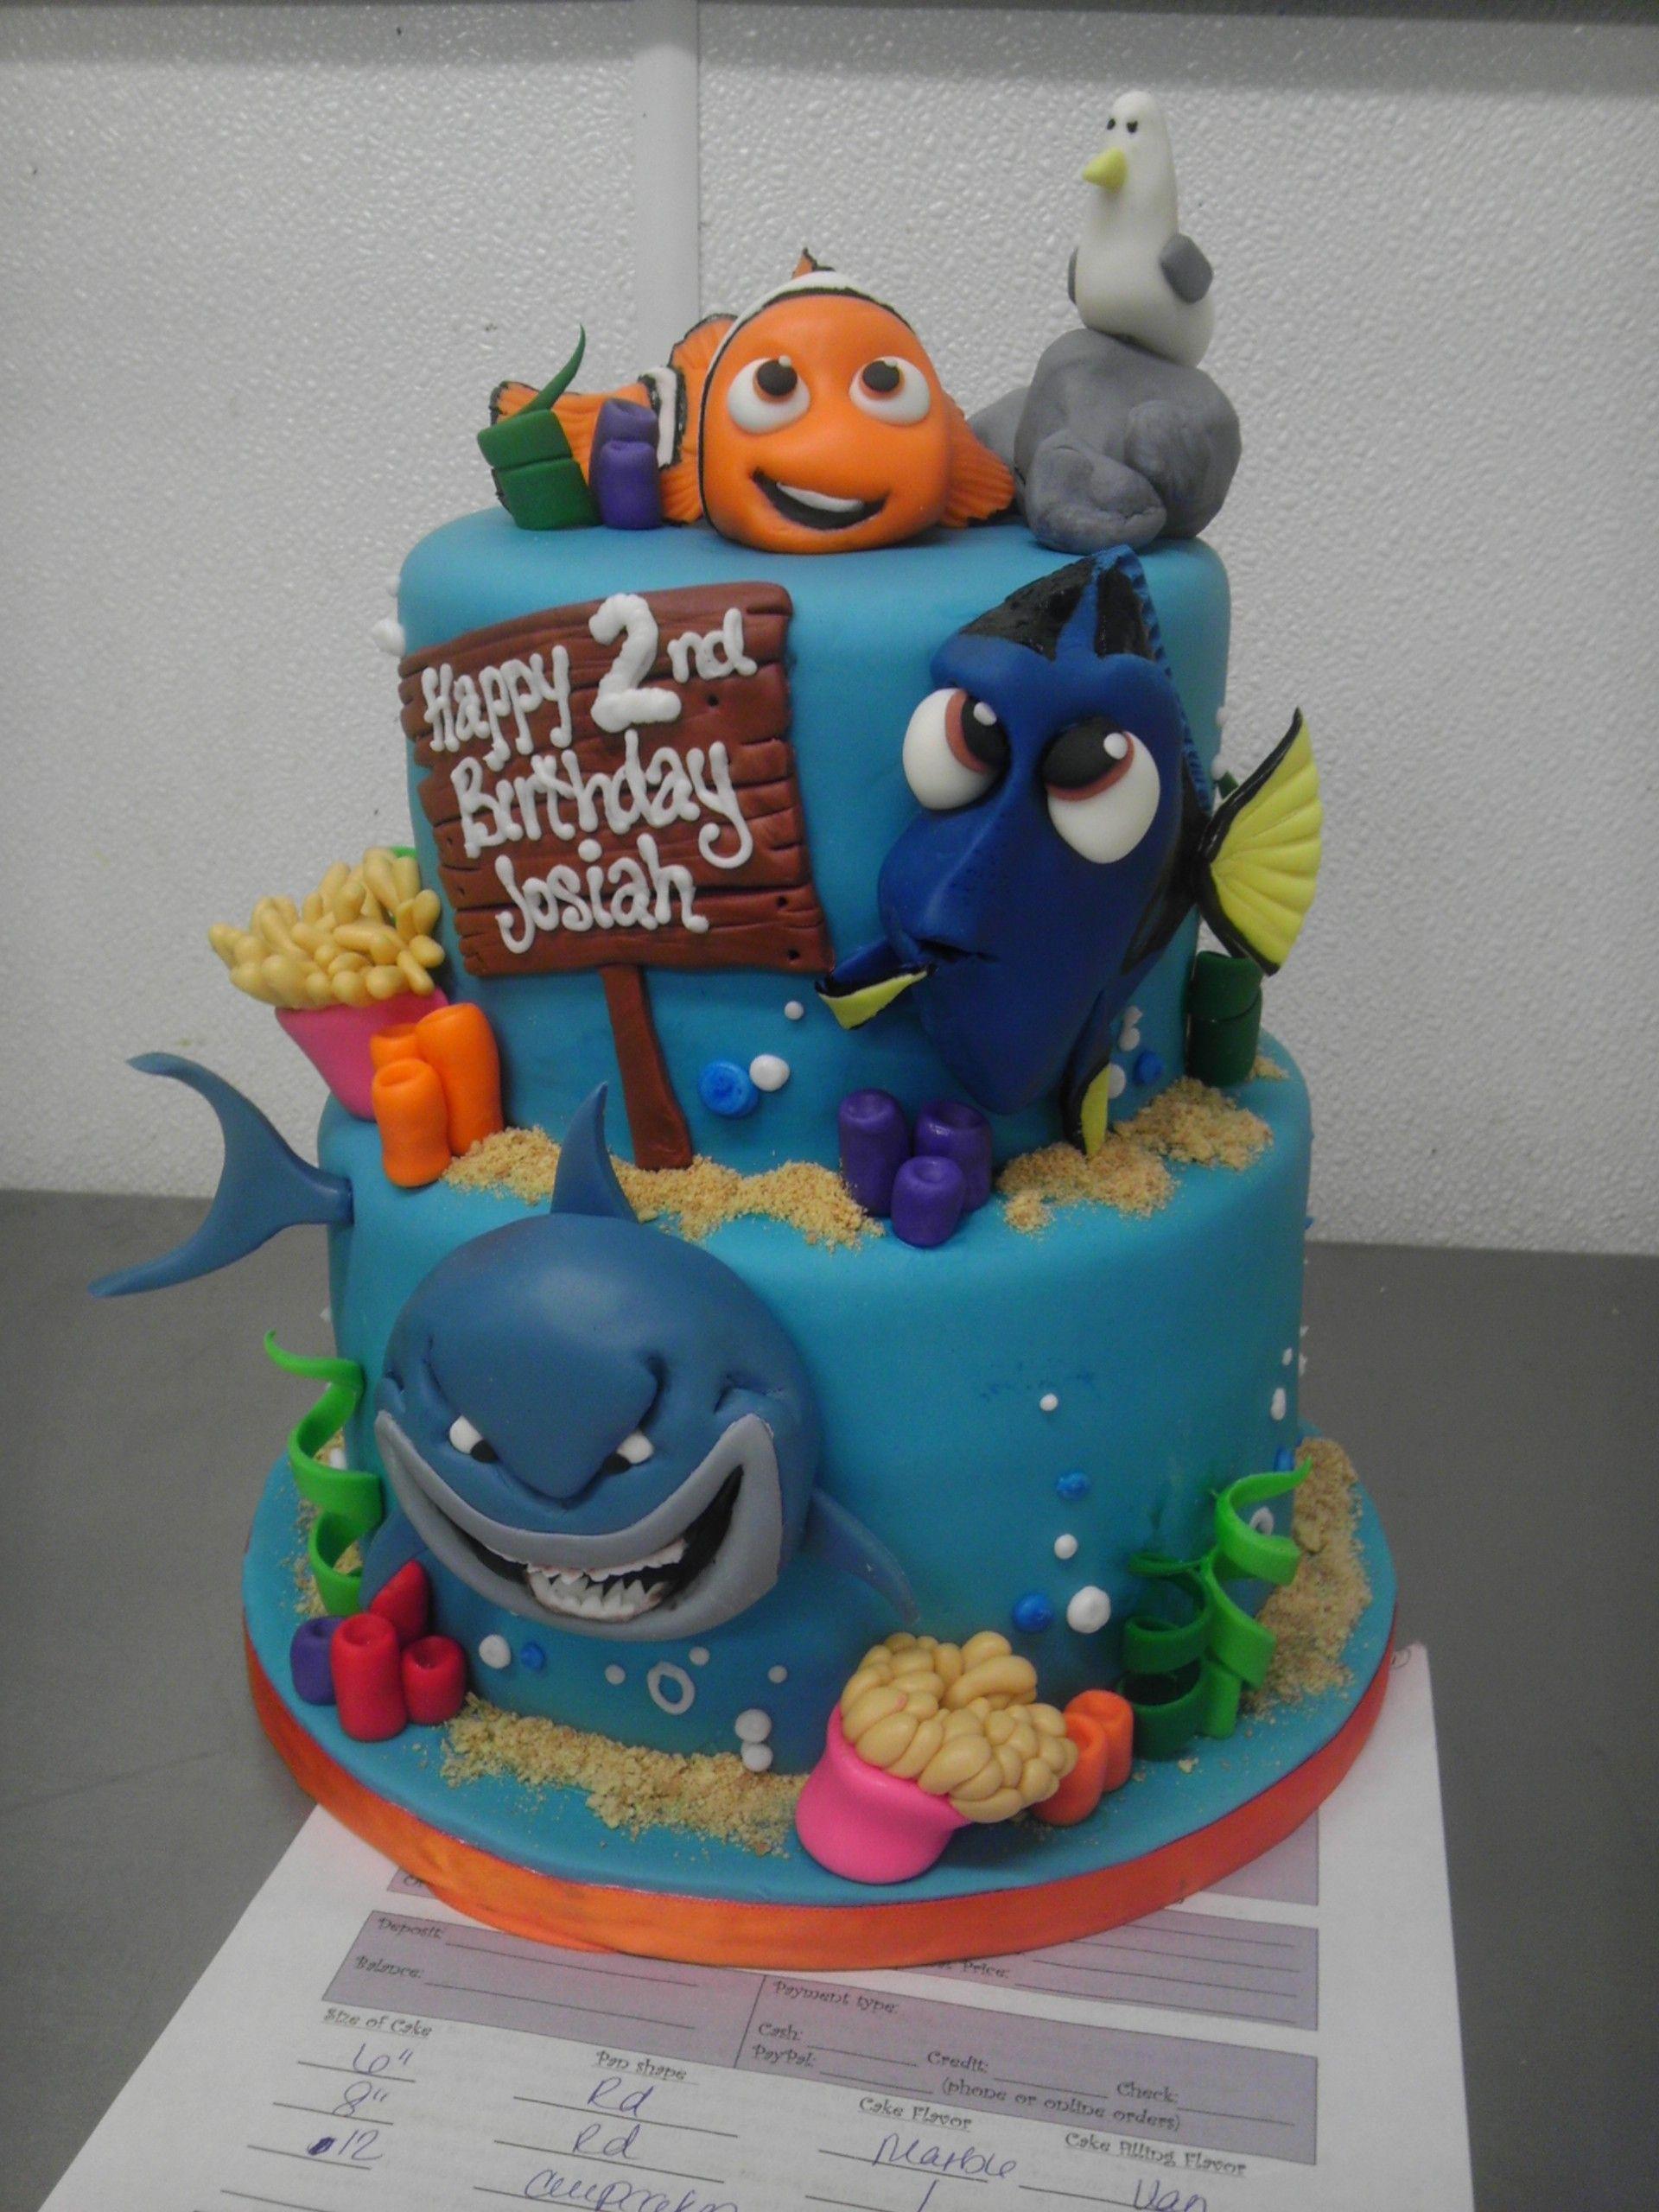 Finding Nemo Cake Cakes Pinterest Finding nemo cake Finding